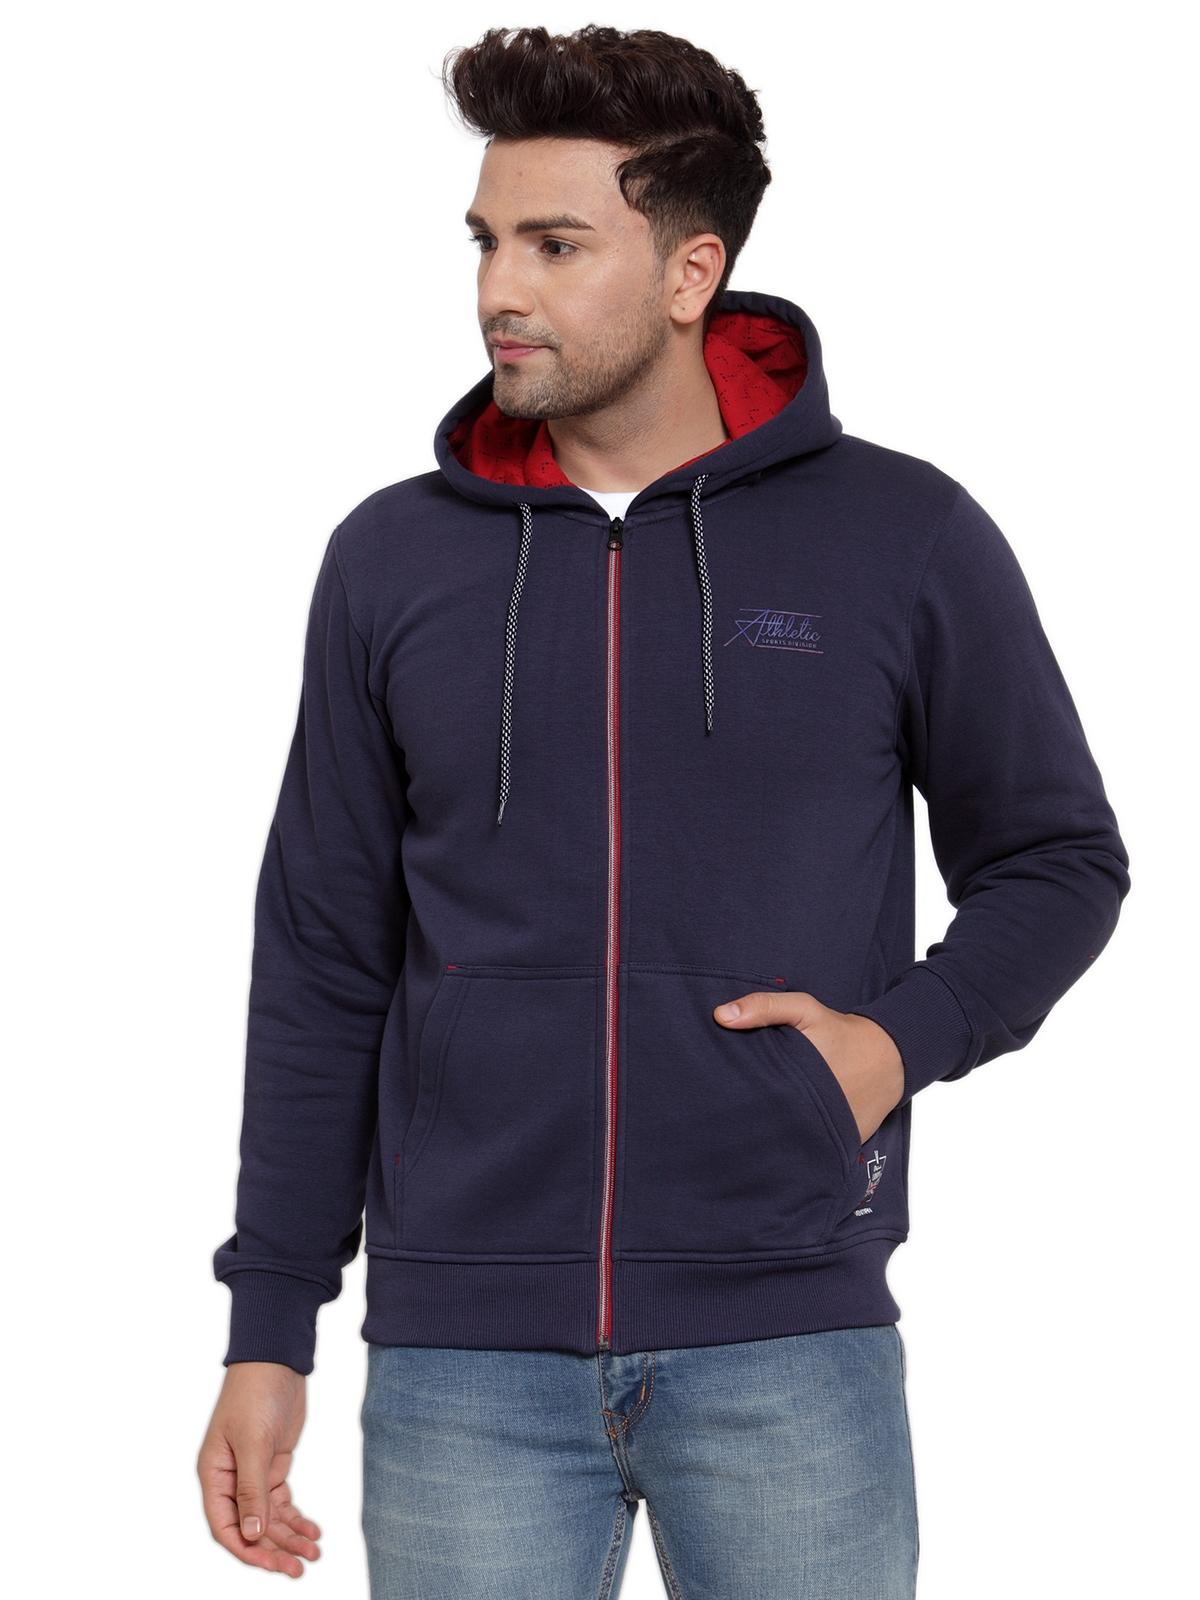 VENITIAN | Venitian Mens Navy Printed Zipper Sweat-shirt with Hood